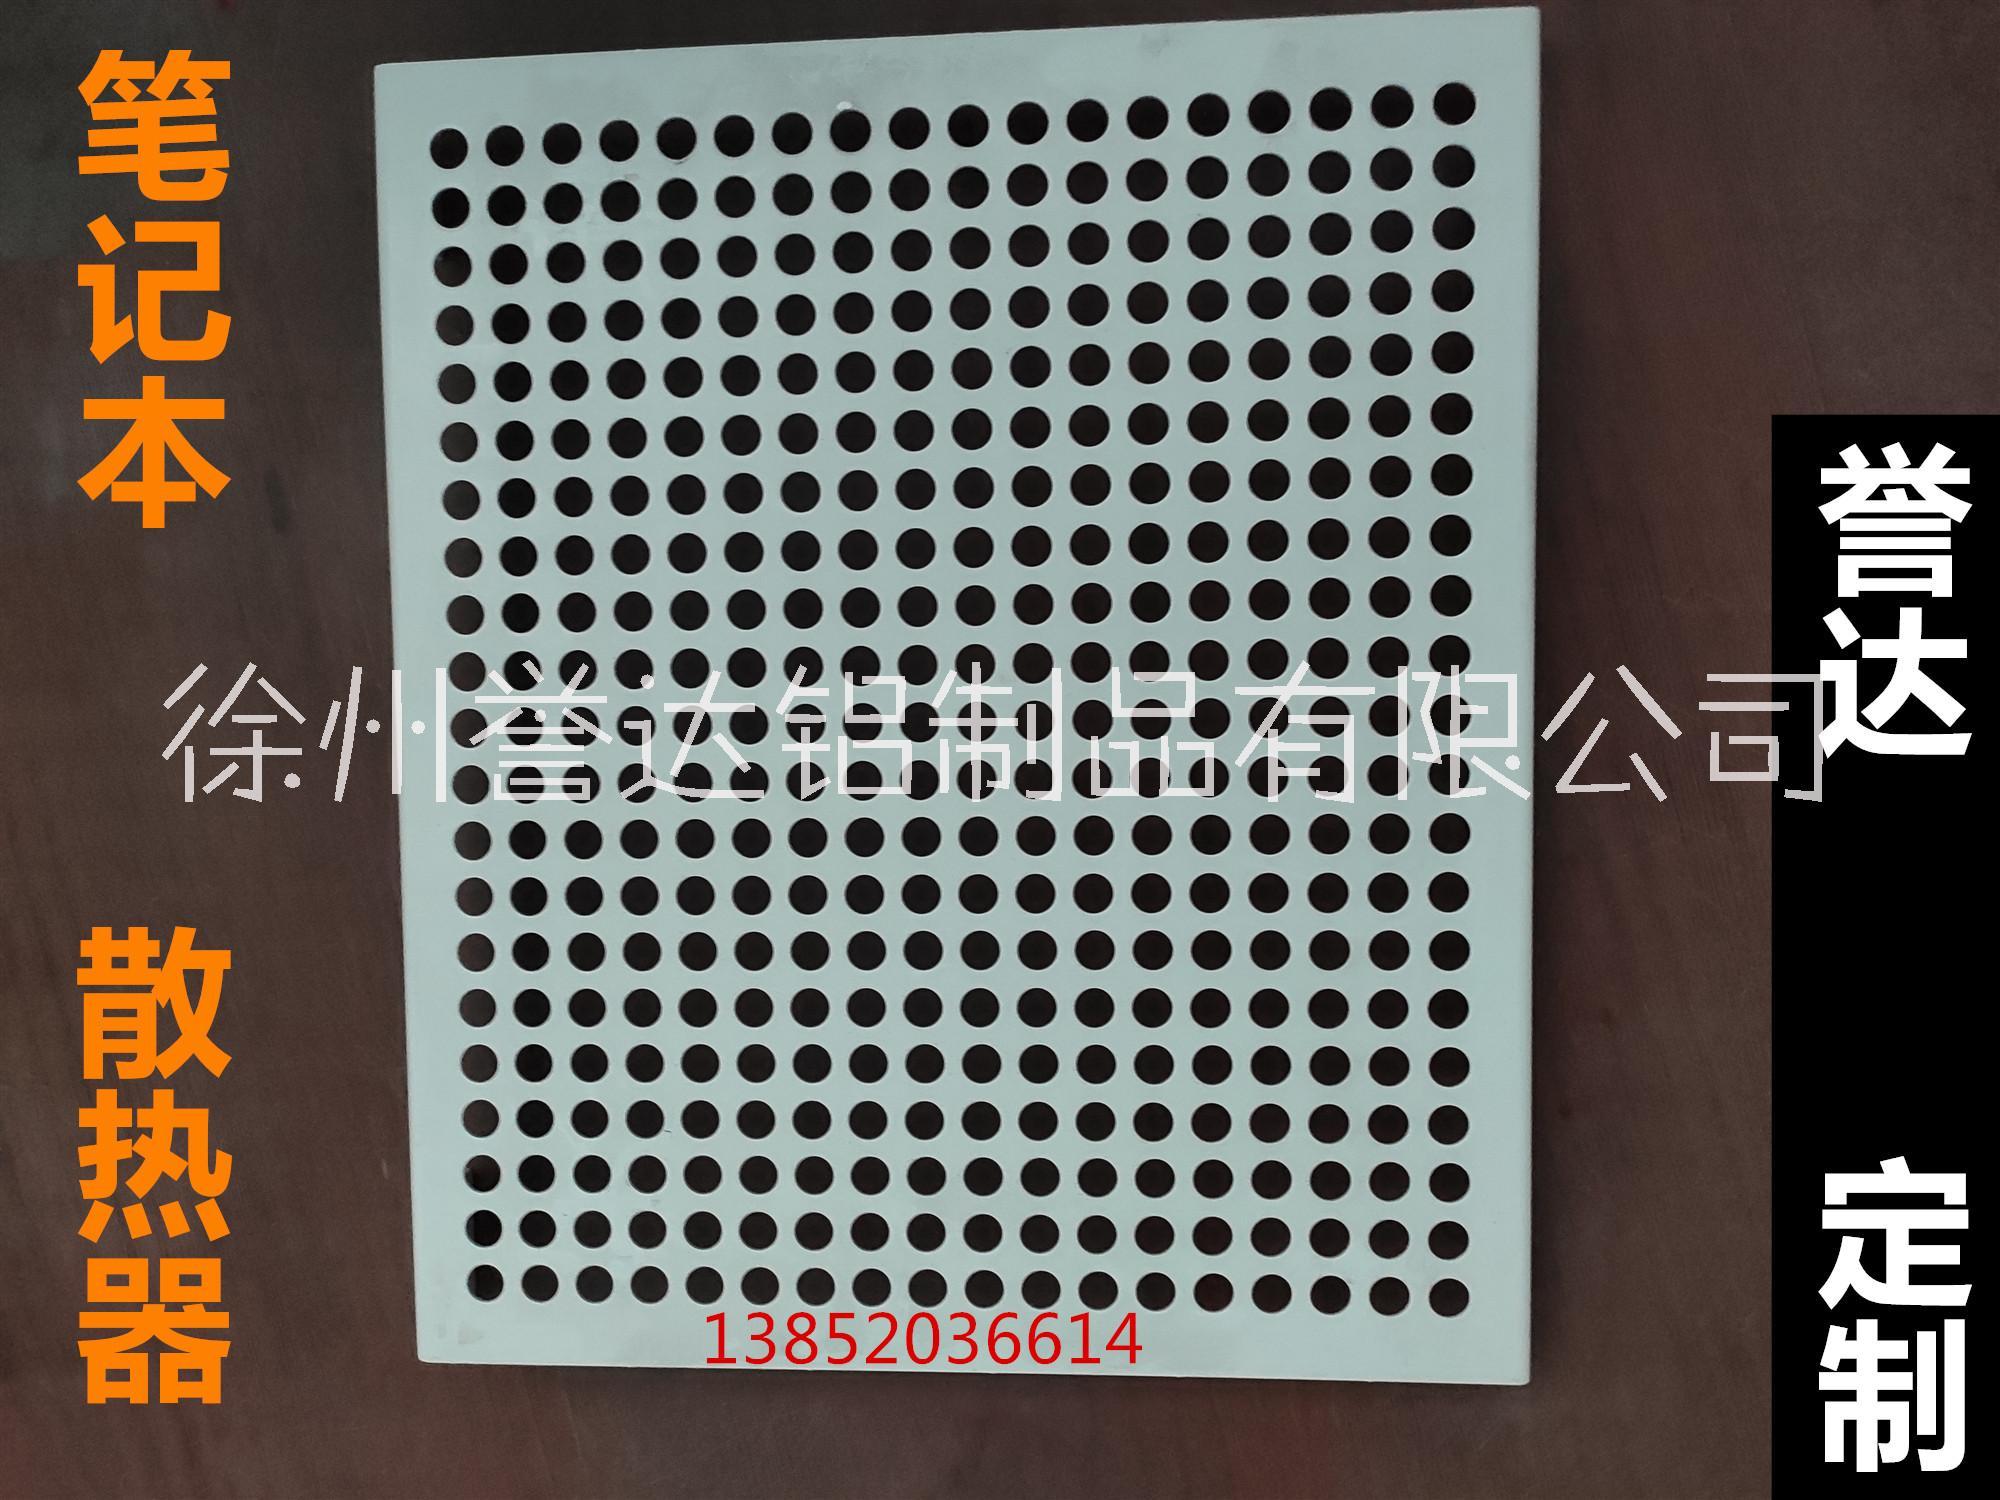 铝合金笔记本散热片合金铝板冲孔加工定制笔记本散热支架